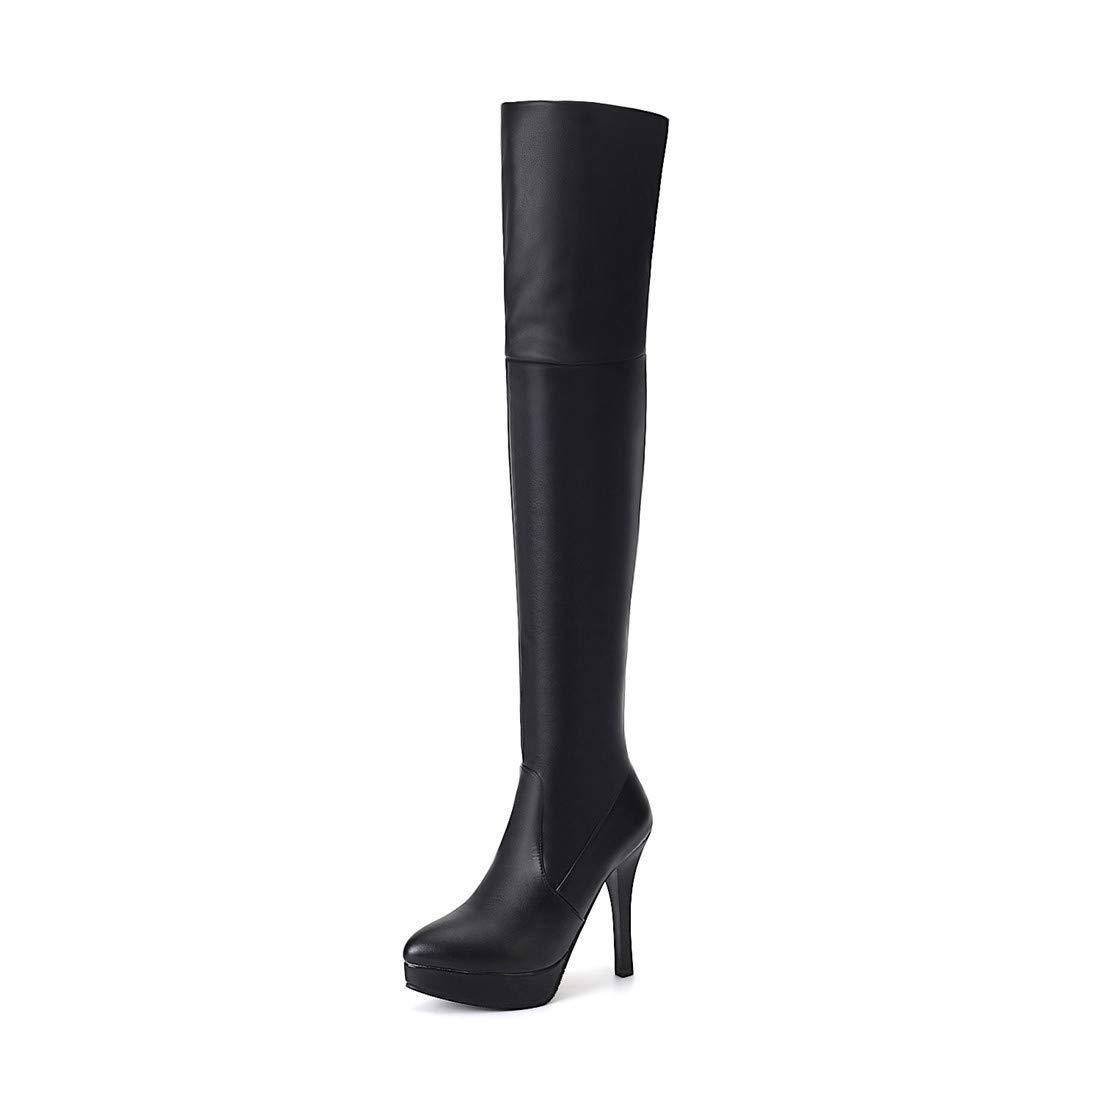 Stiefel-DEDE Stiefel-DEDE Stiefel-DEDE Hochhackige Gino- Stiefel in Europa und den Vereinigten Staaten Stiefel über dem Knie groß   Wasserdichte Stiefel mit Plateau 57d329